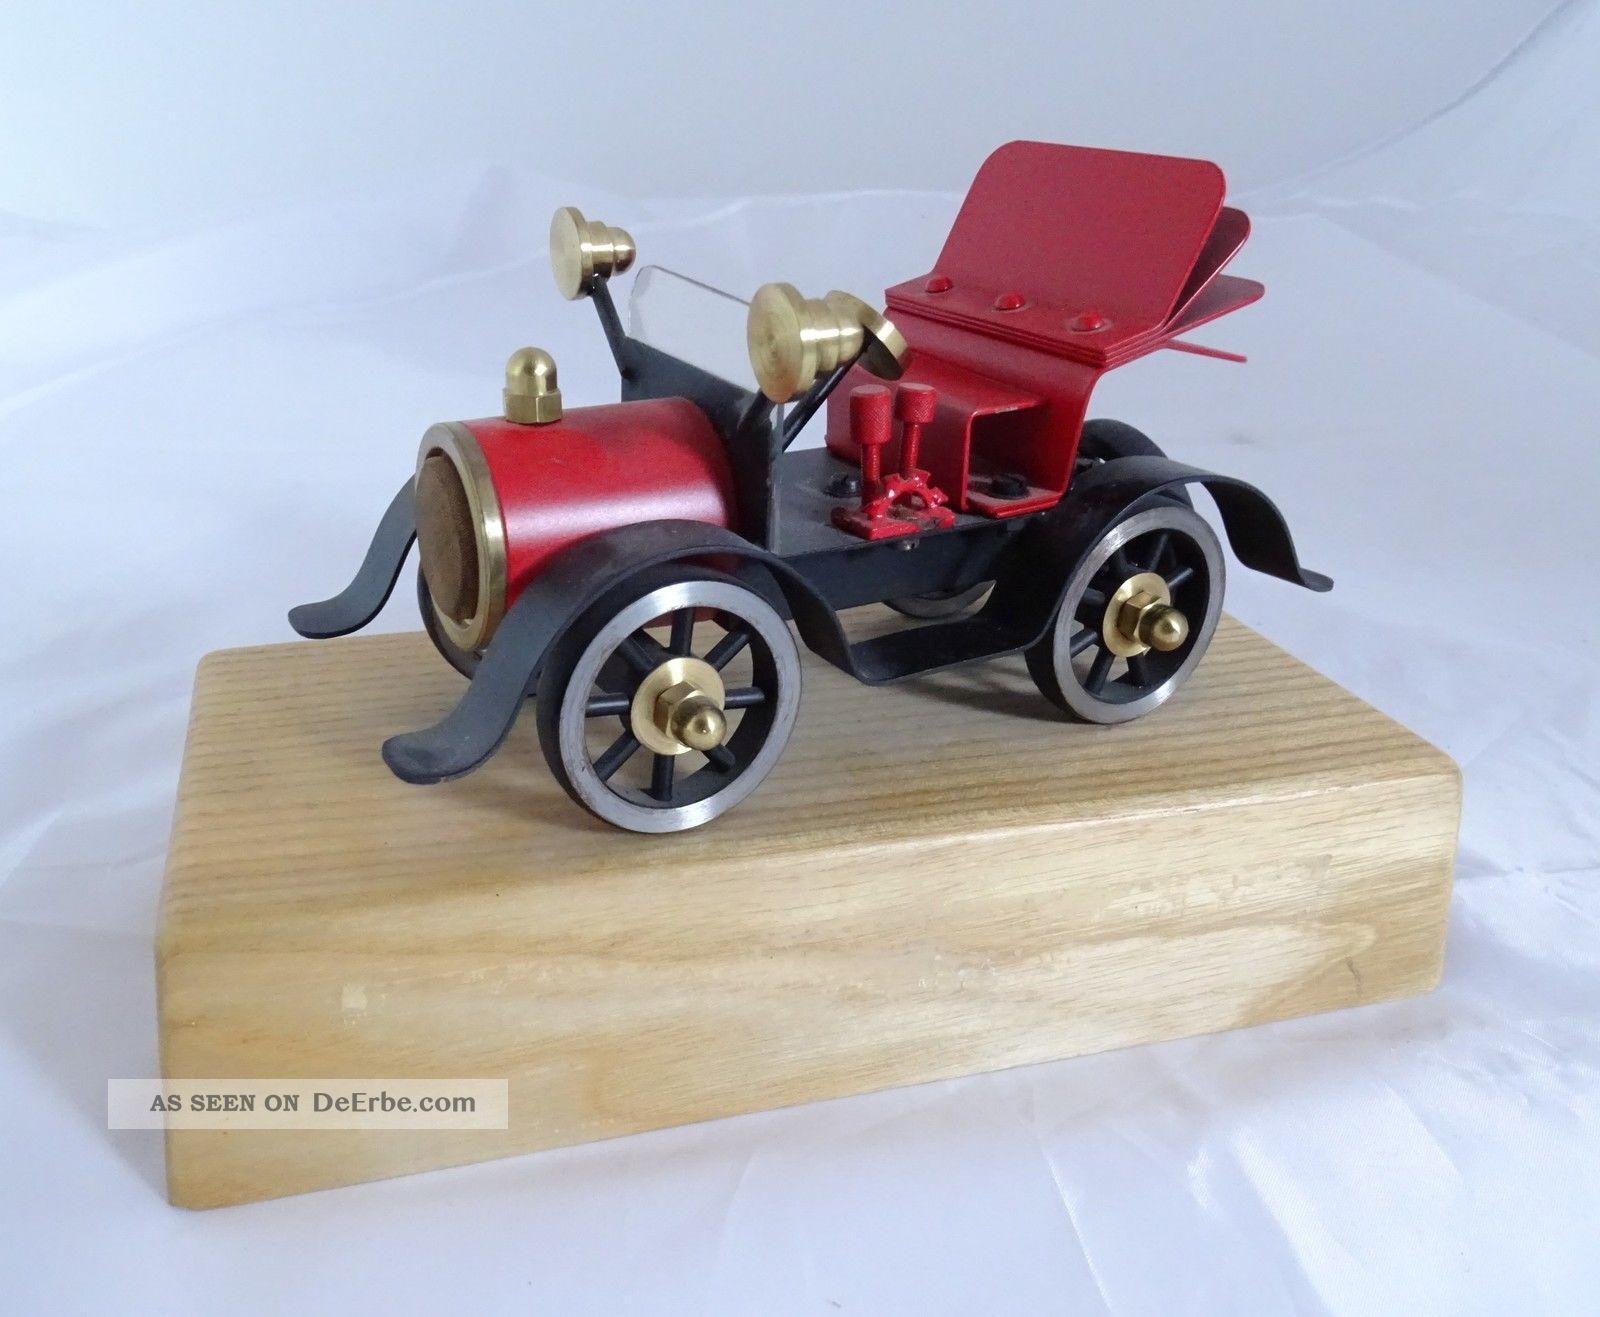 Frühes Auto Modell Aus Vollmetall Auf Holzsockel Hochwertige Arbeit Original, gefertigt 1945-1970 Bild